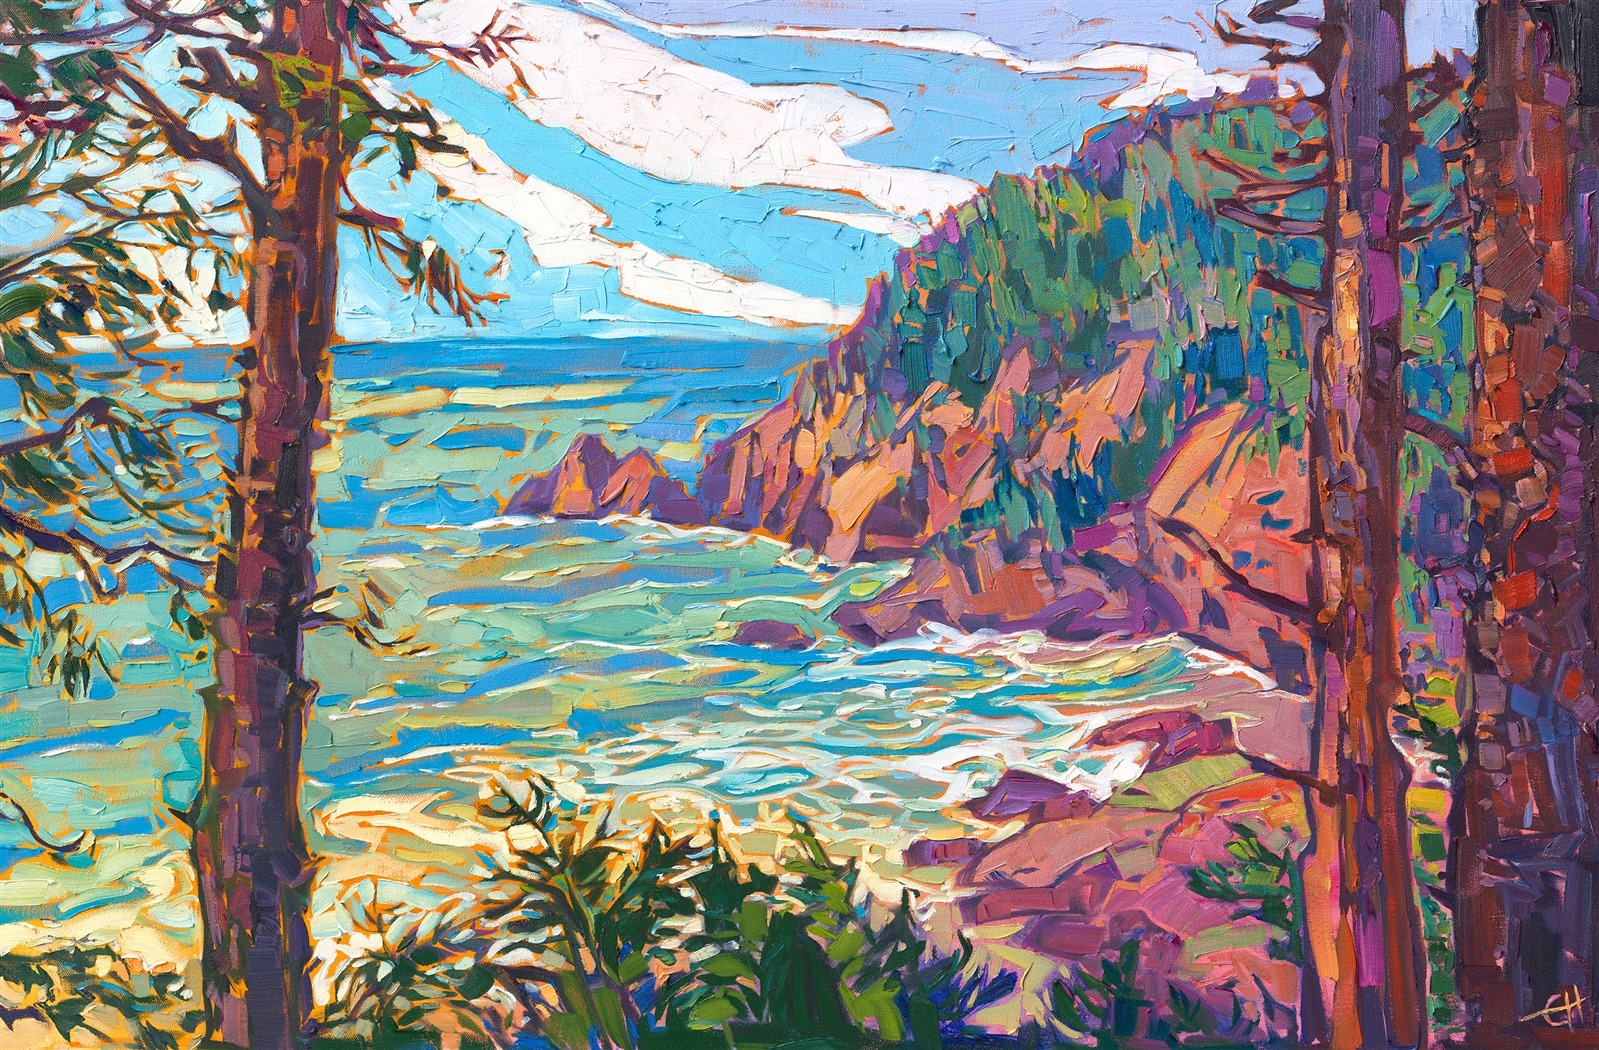 Erin Hanson, Northern Coastline